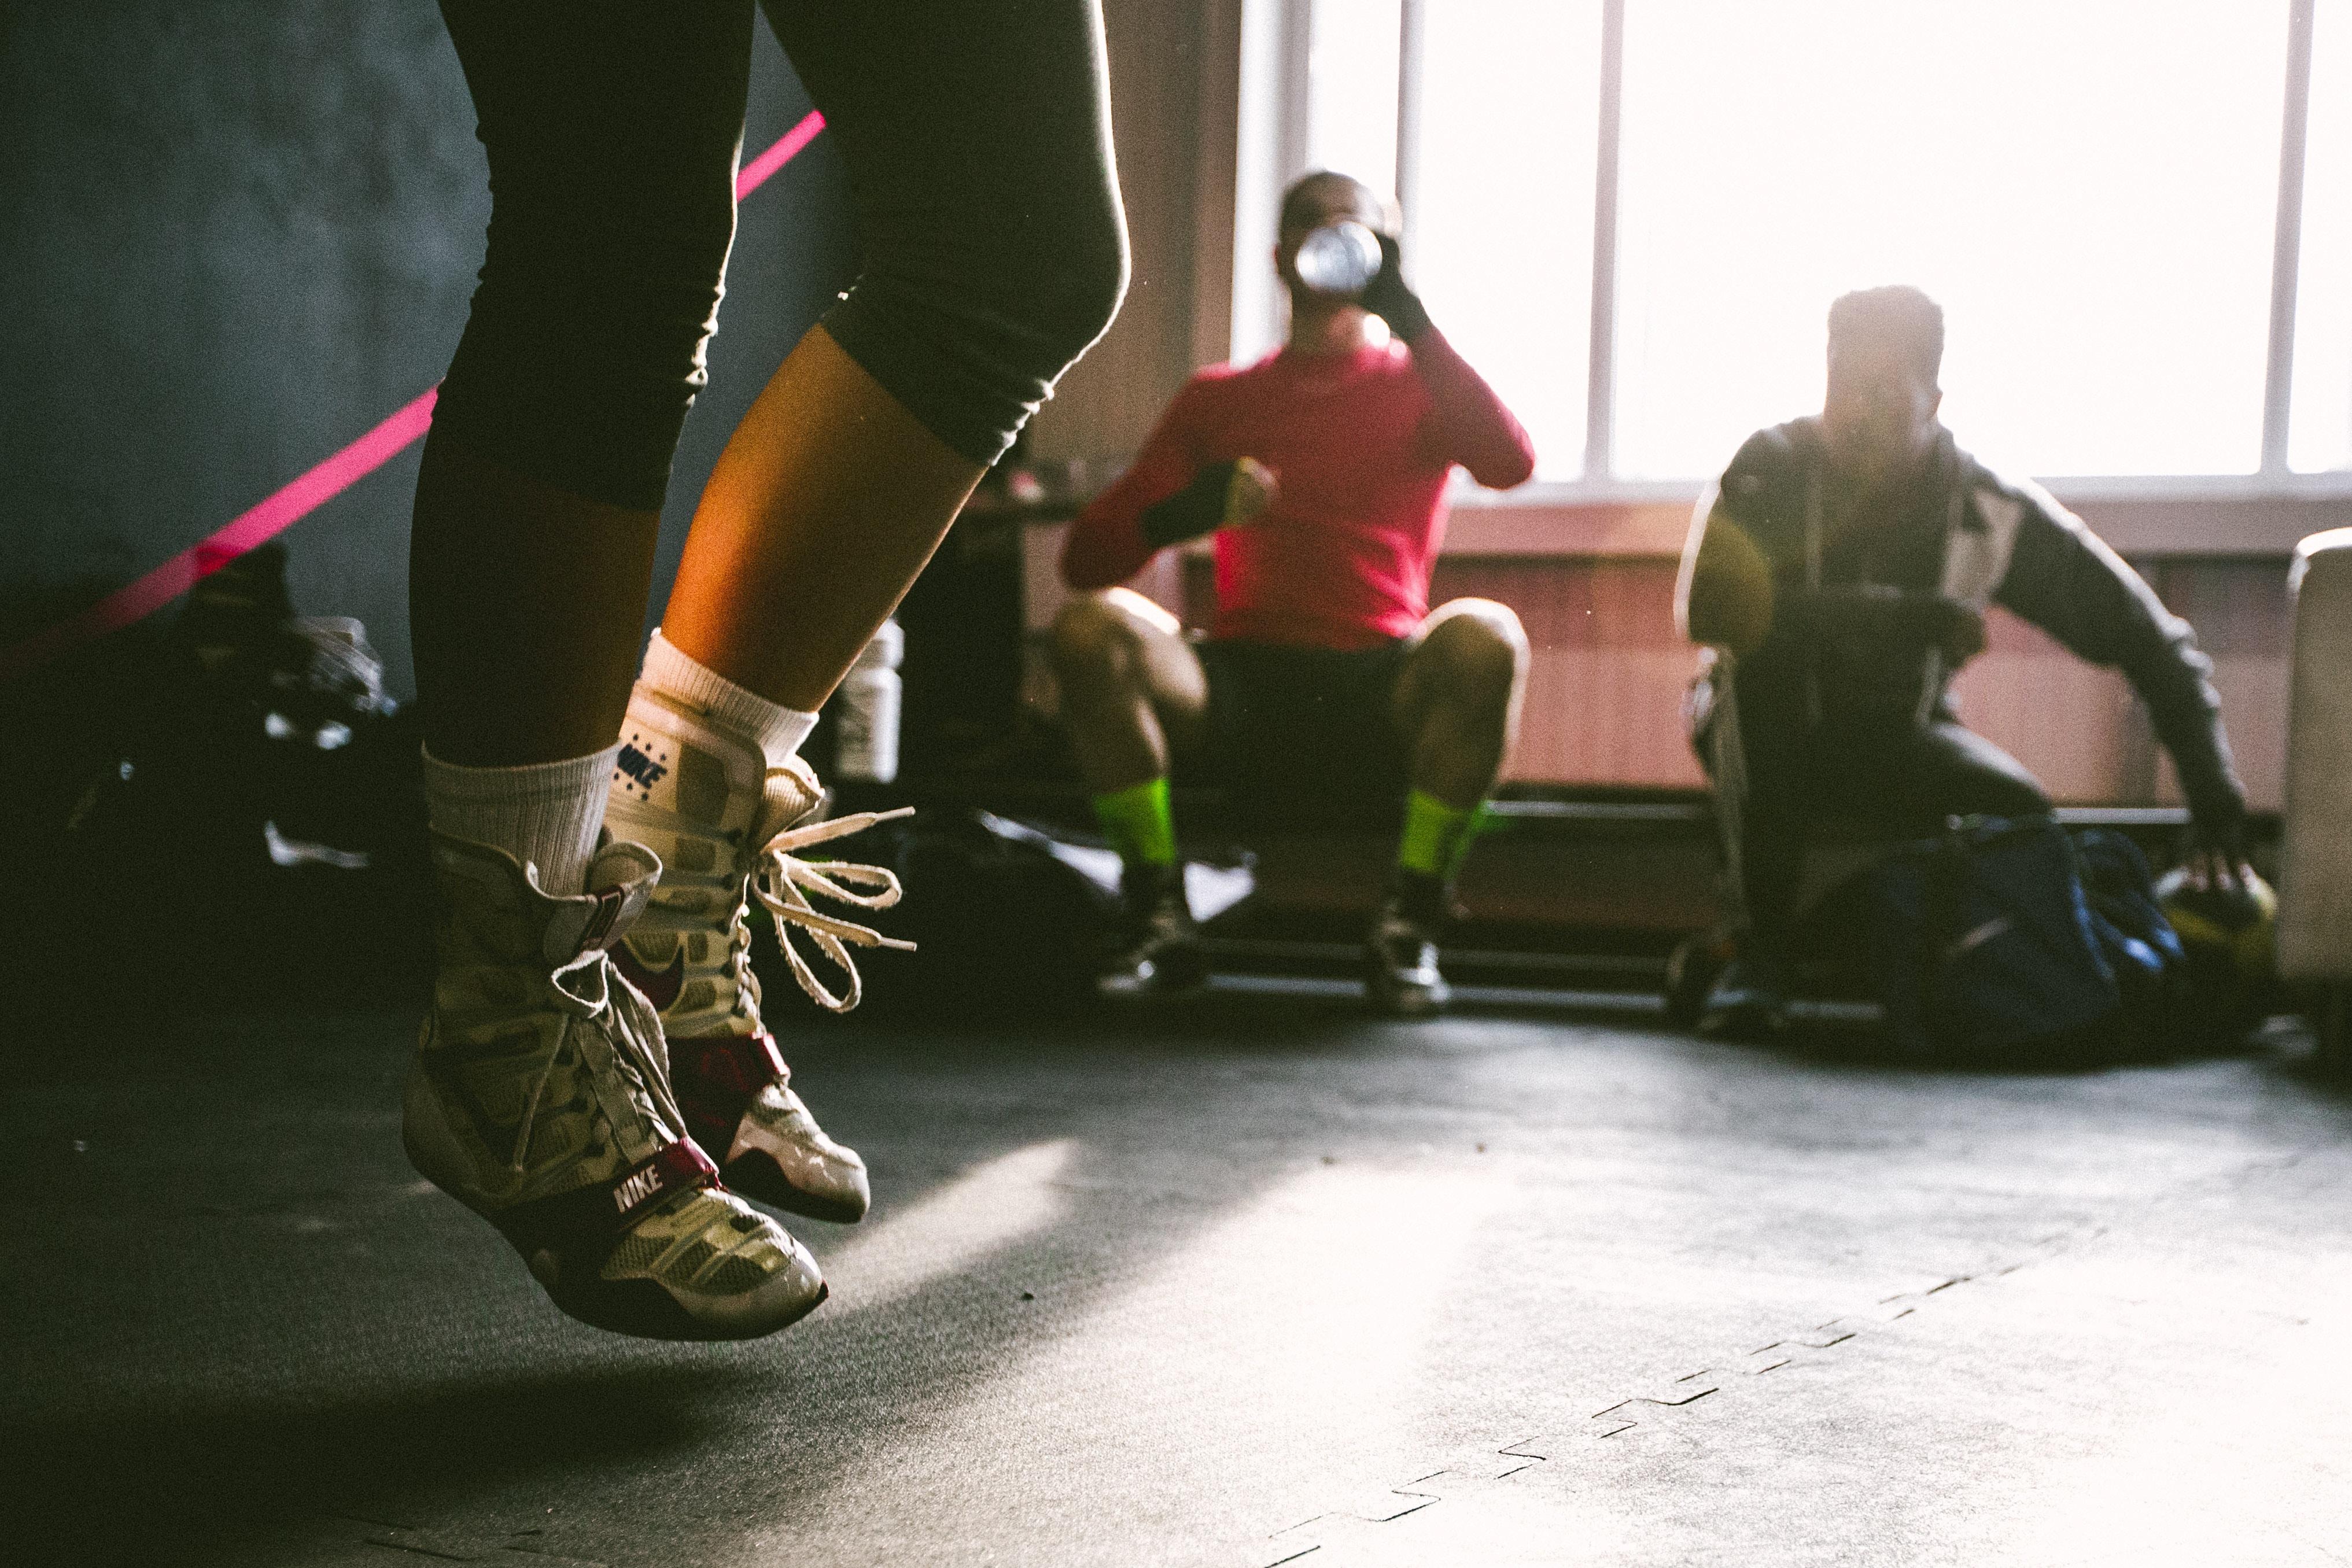 Ćwiczenia z obciążnikami na nogach i rękach